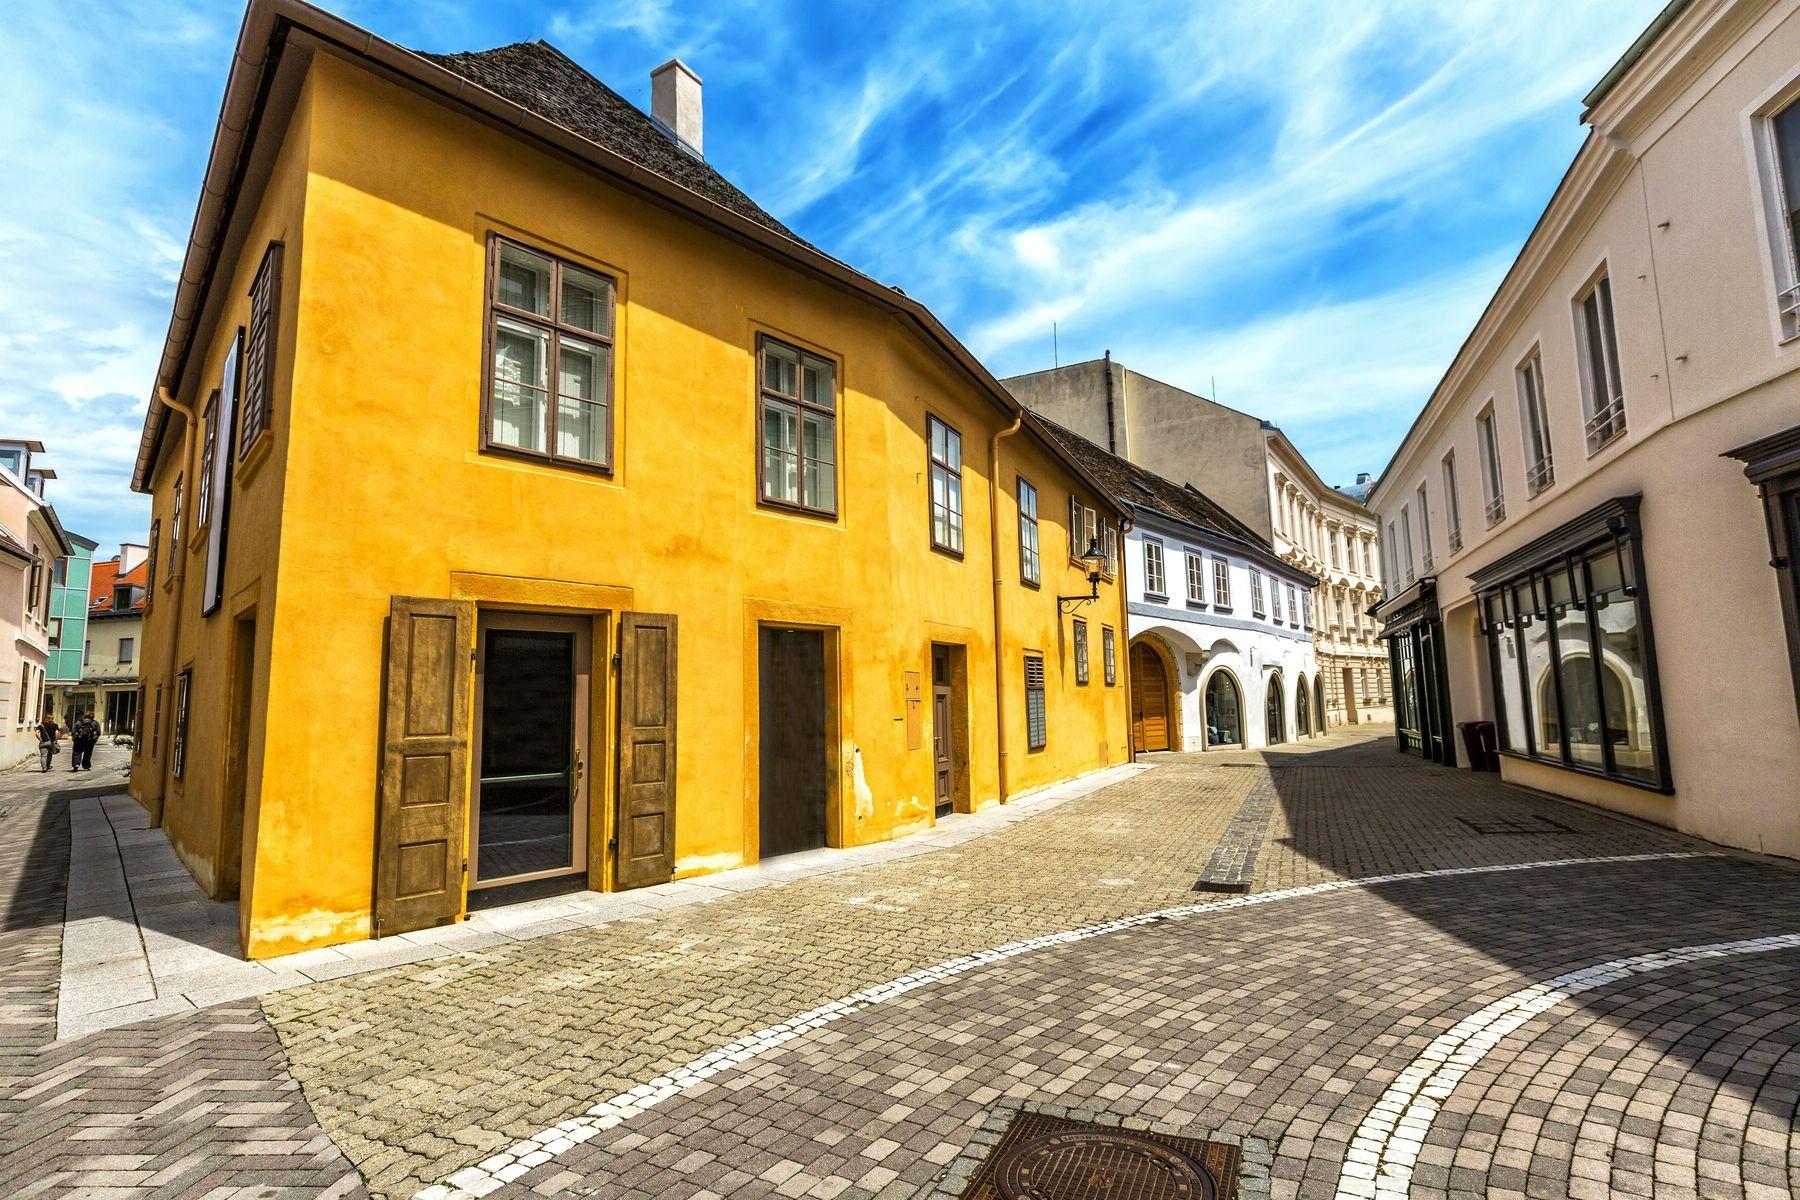 Баден. Улица старого города